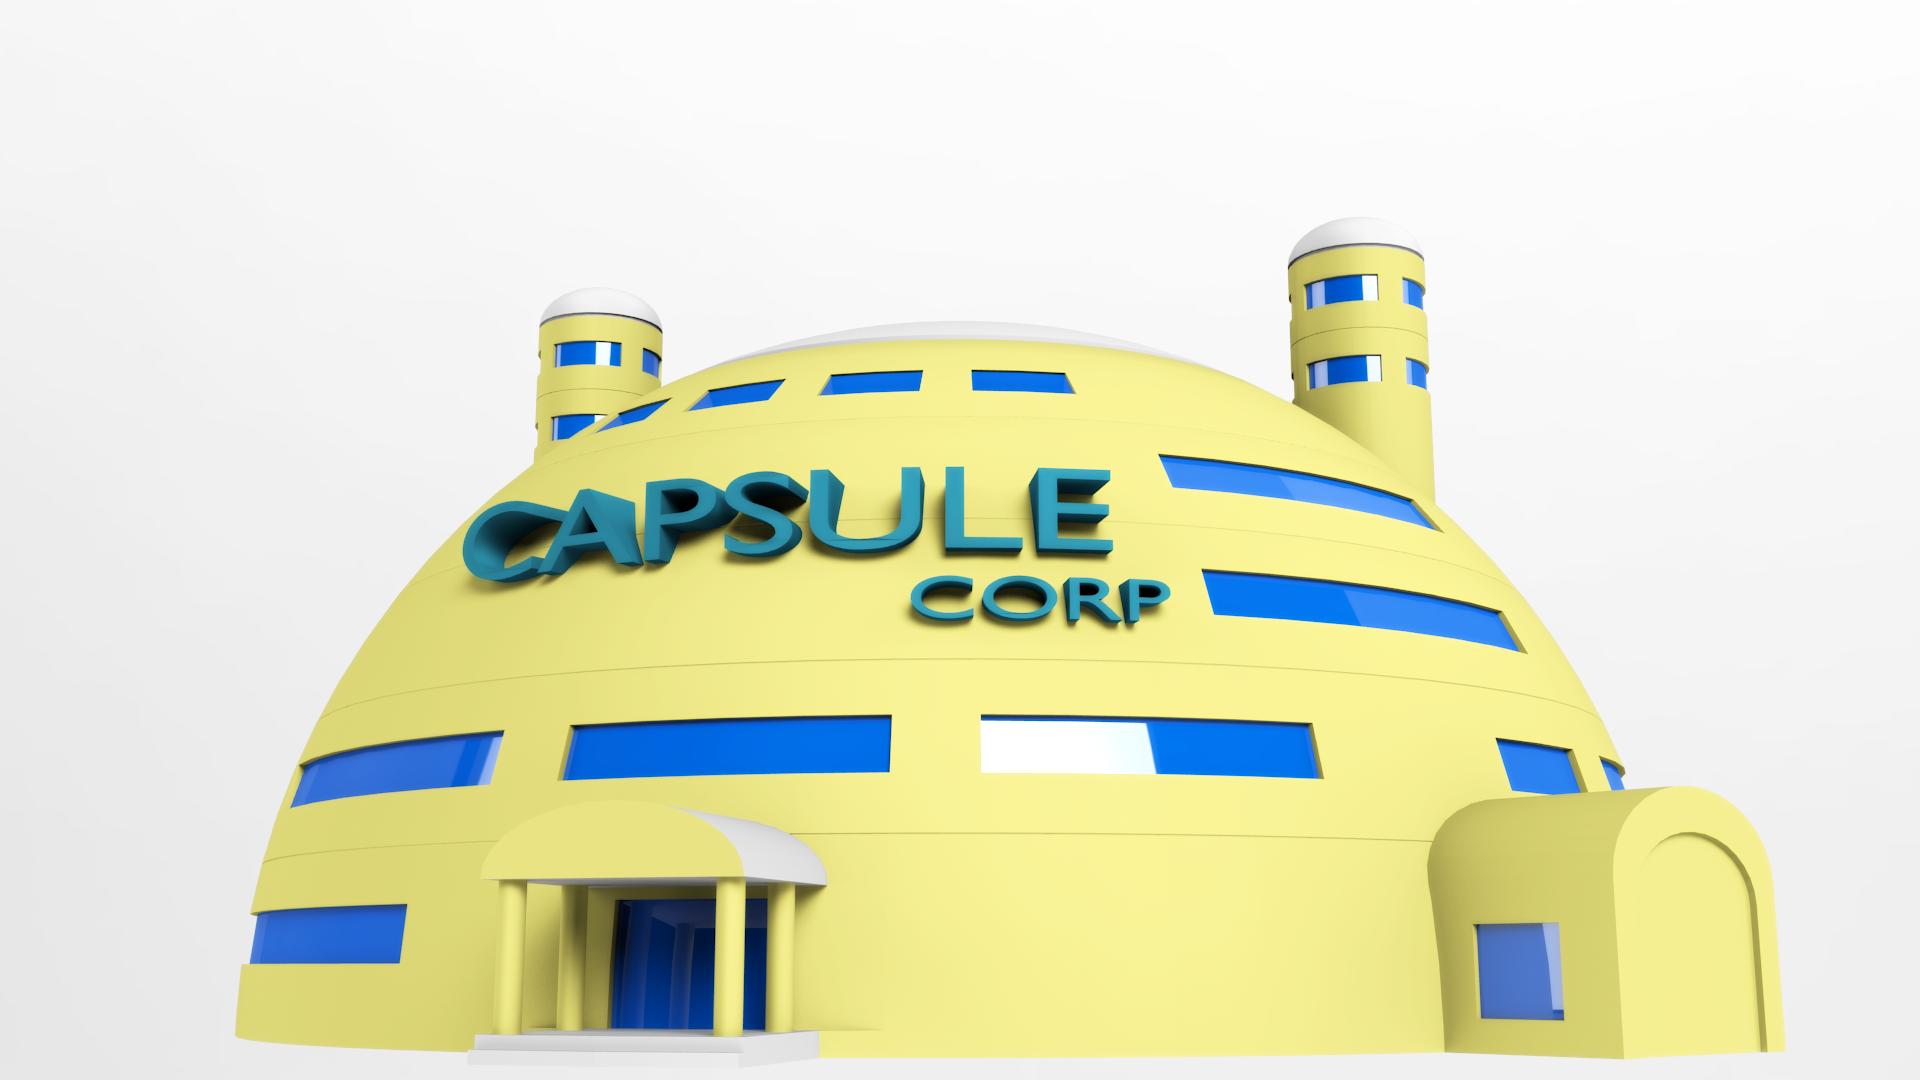 Capsule Corp. HQ (Bulma's House) by FluffyBlueCow